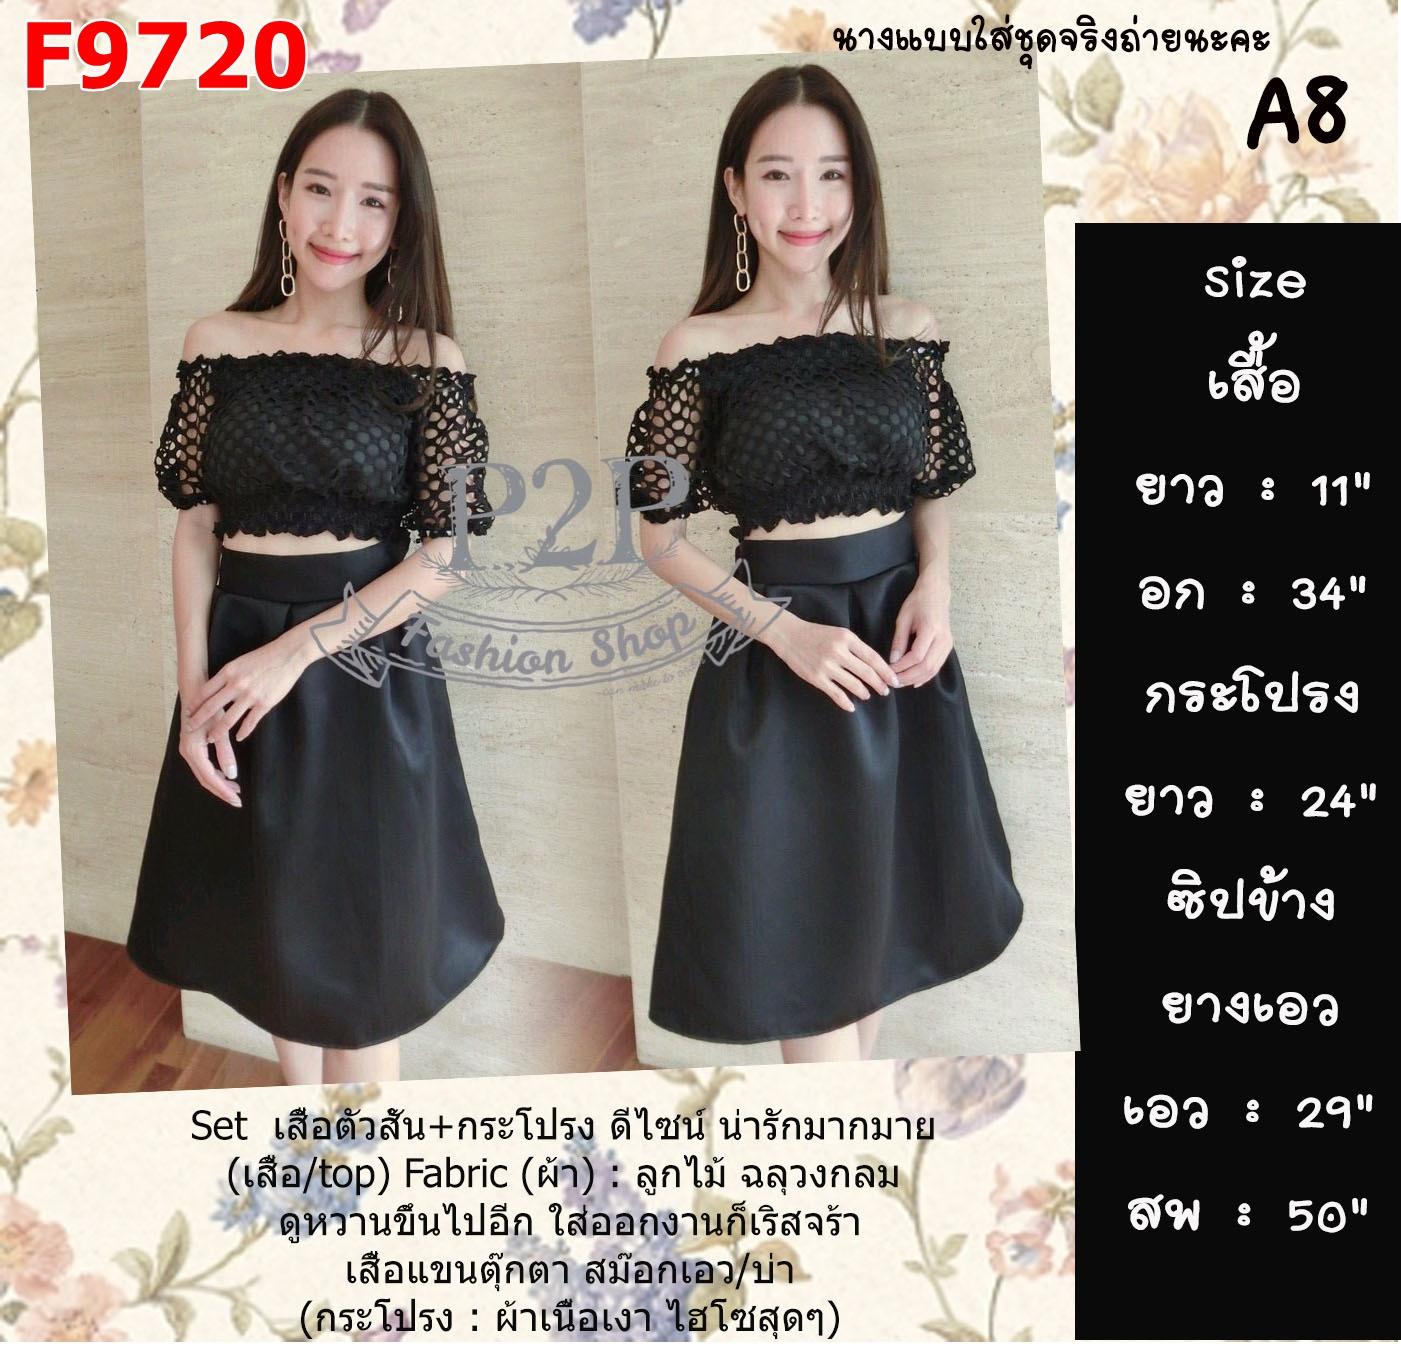 F9720 Set 2 Pieces เสื้อตัวสั้น แขนตุ๊กตา + กระโปรงยาว สีดำ